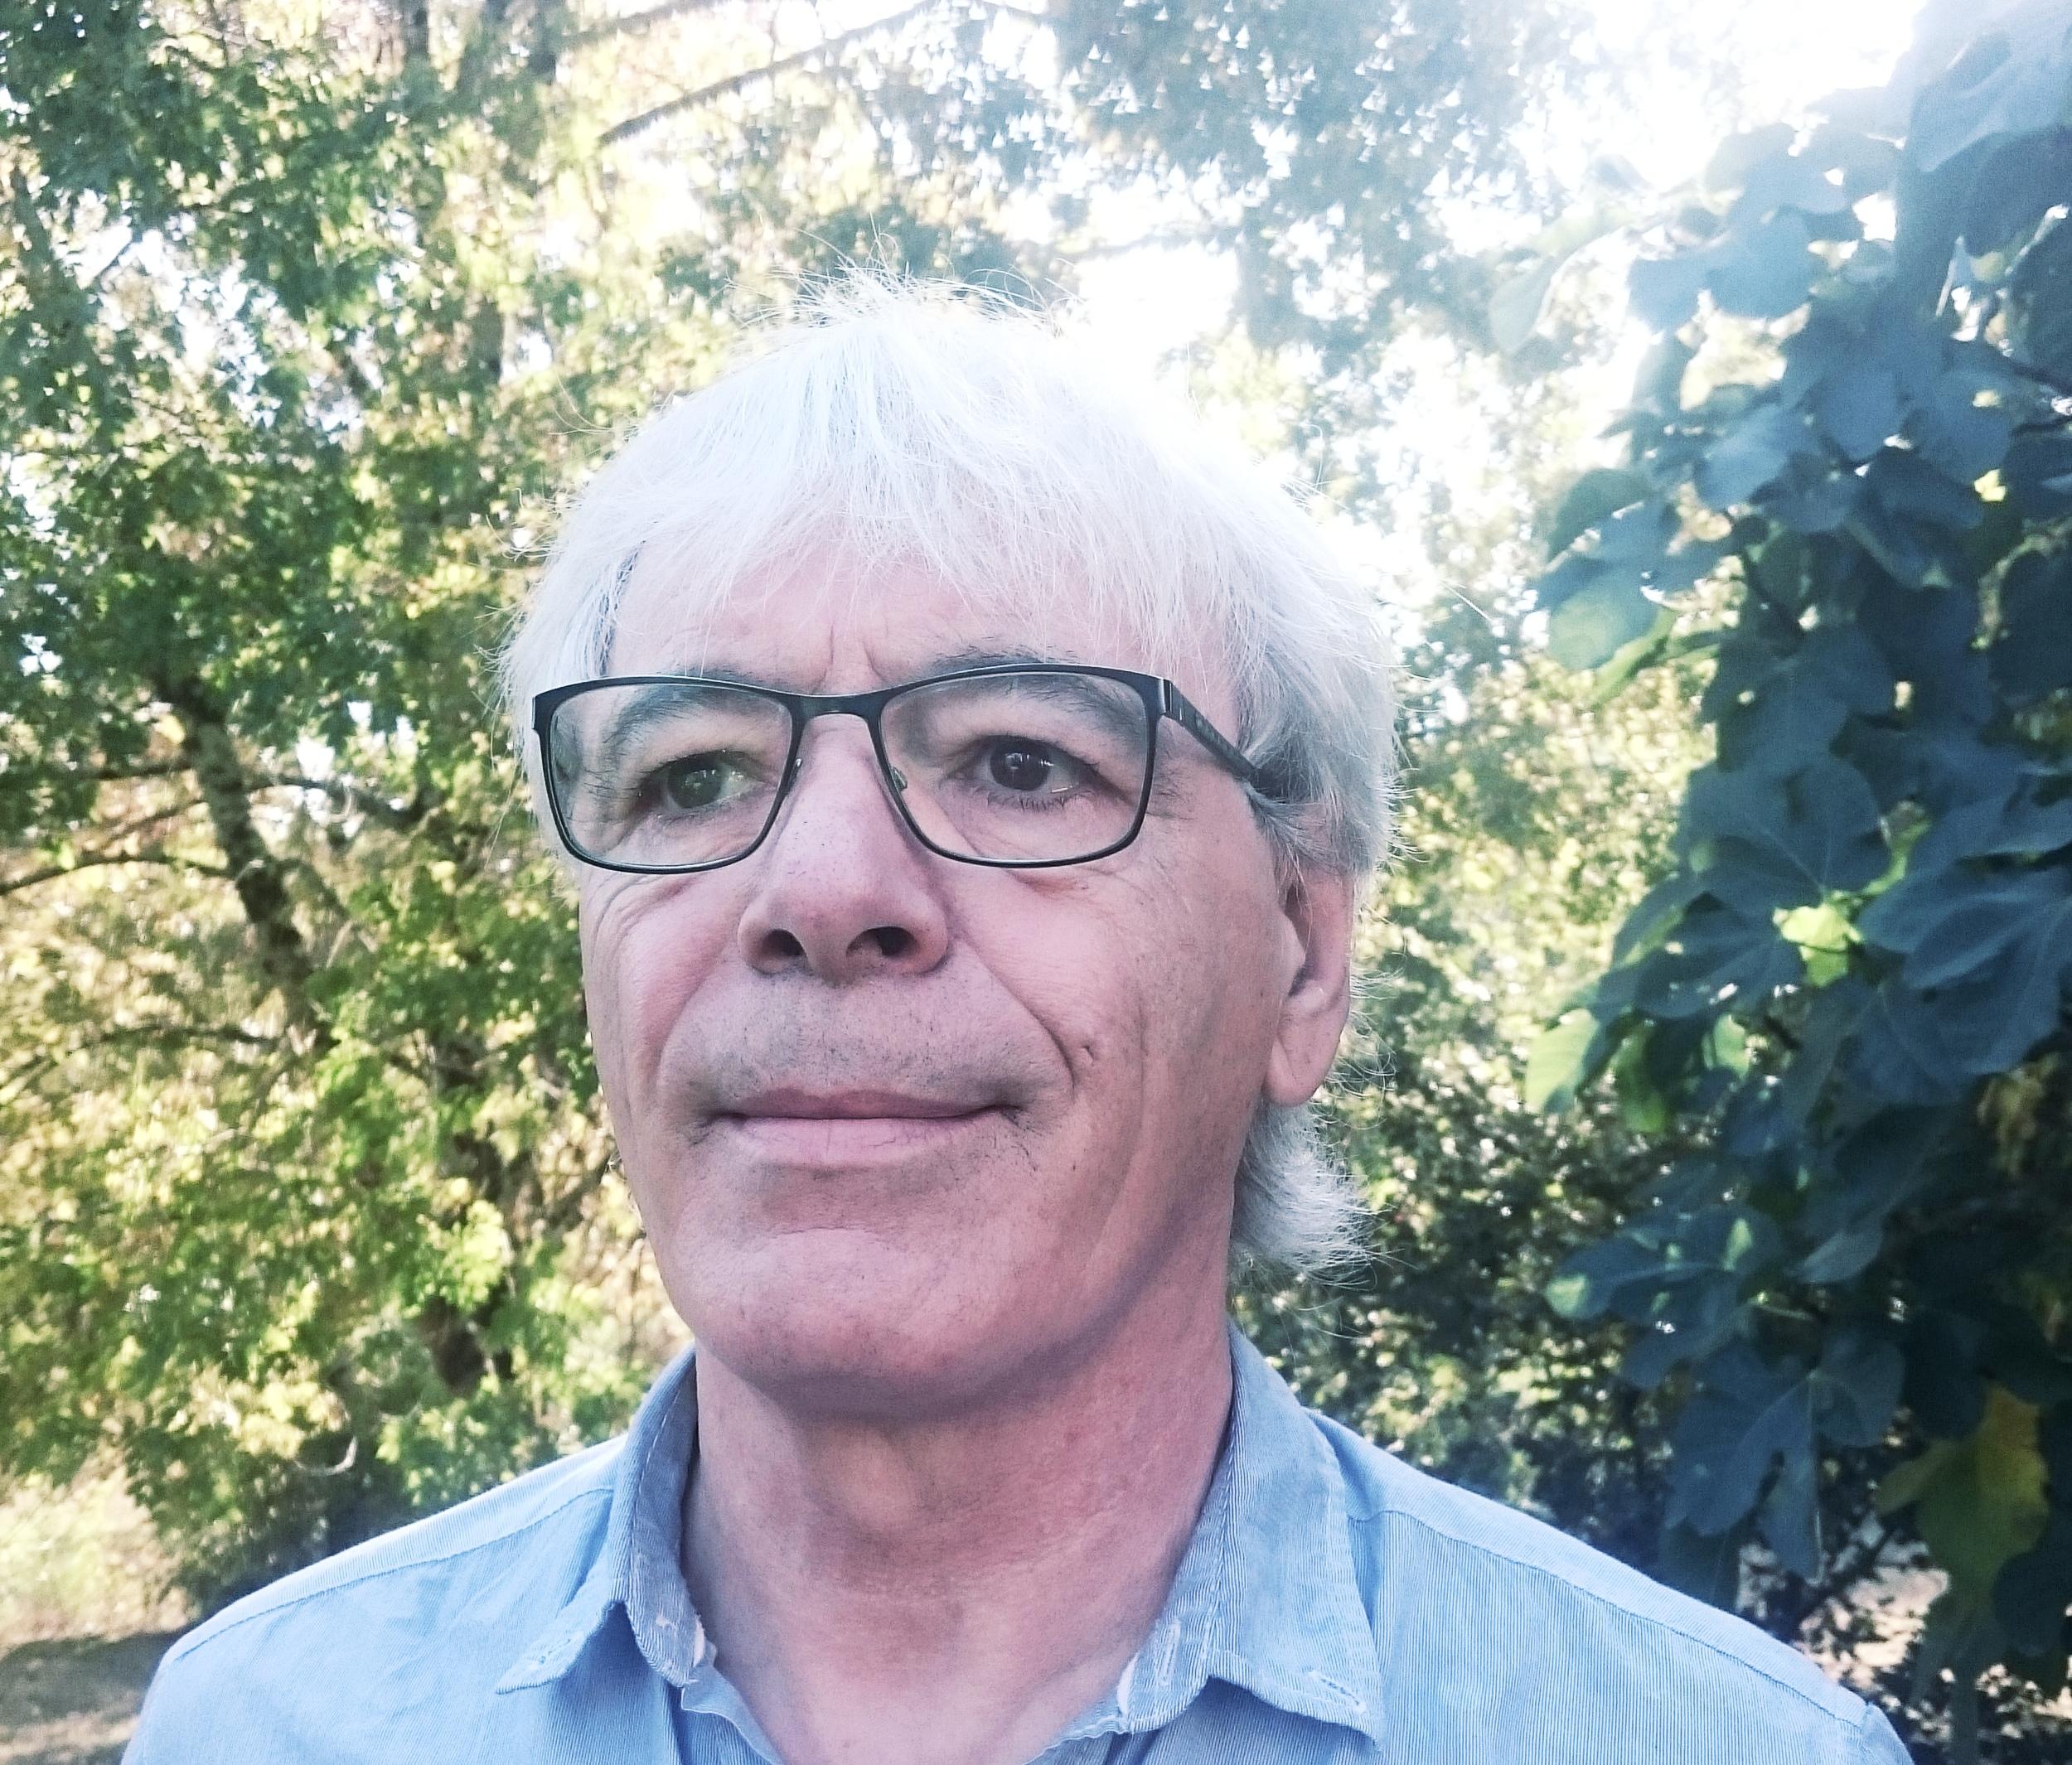 """avec Didier - Didier Gusse est un Animateur-conseils en relations humaines et s'inspire des préceptes de Goethe : """"tout ce que tu peux faire ou rêver de faire, tu peux l'entreprendre""""."""